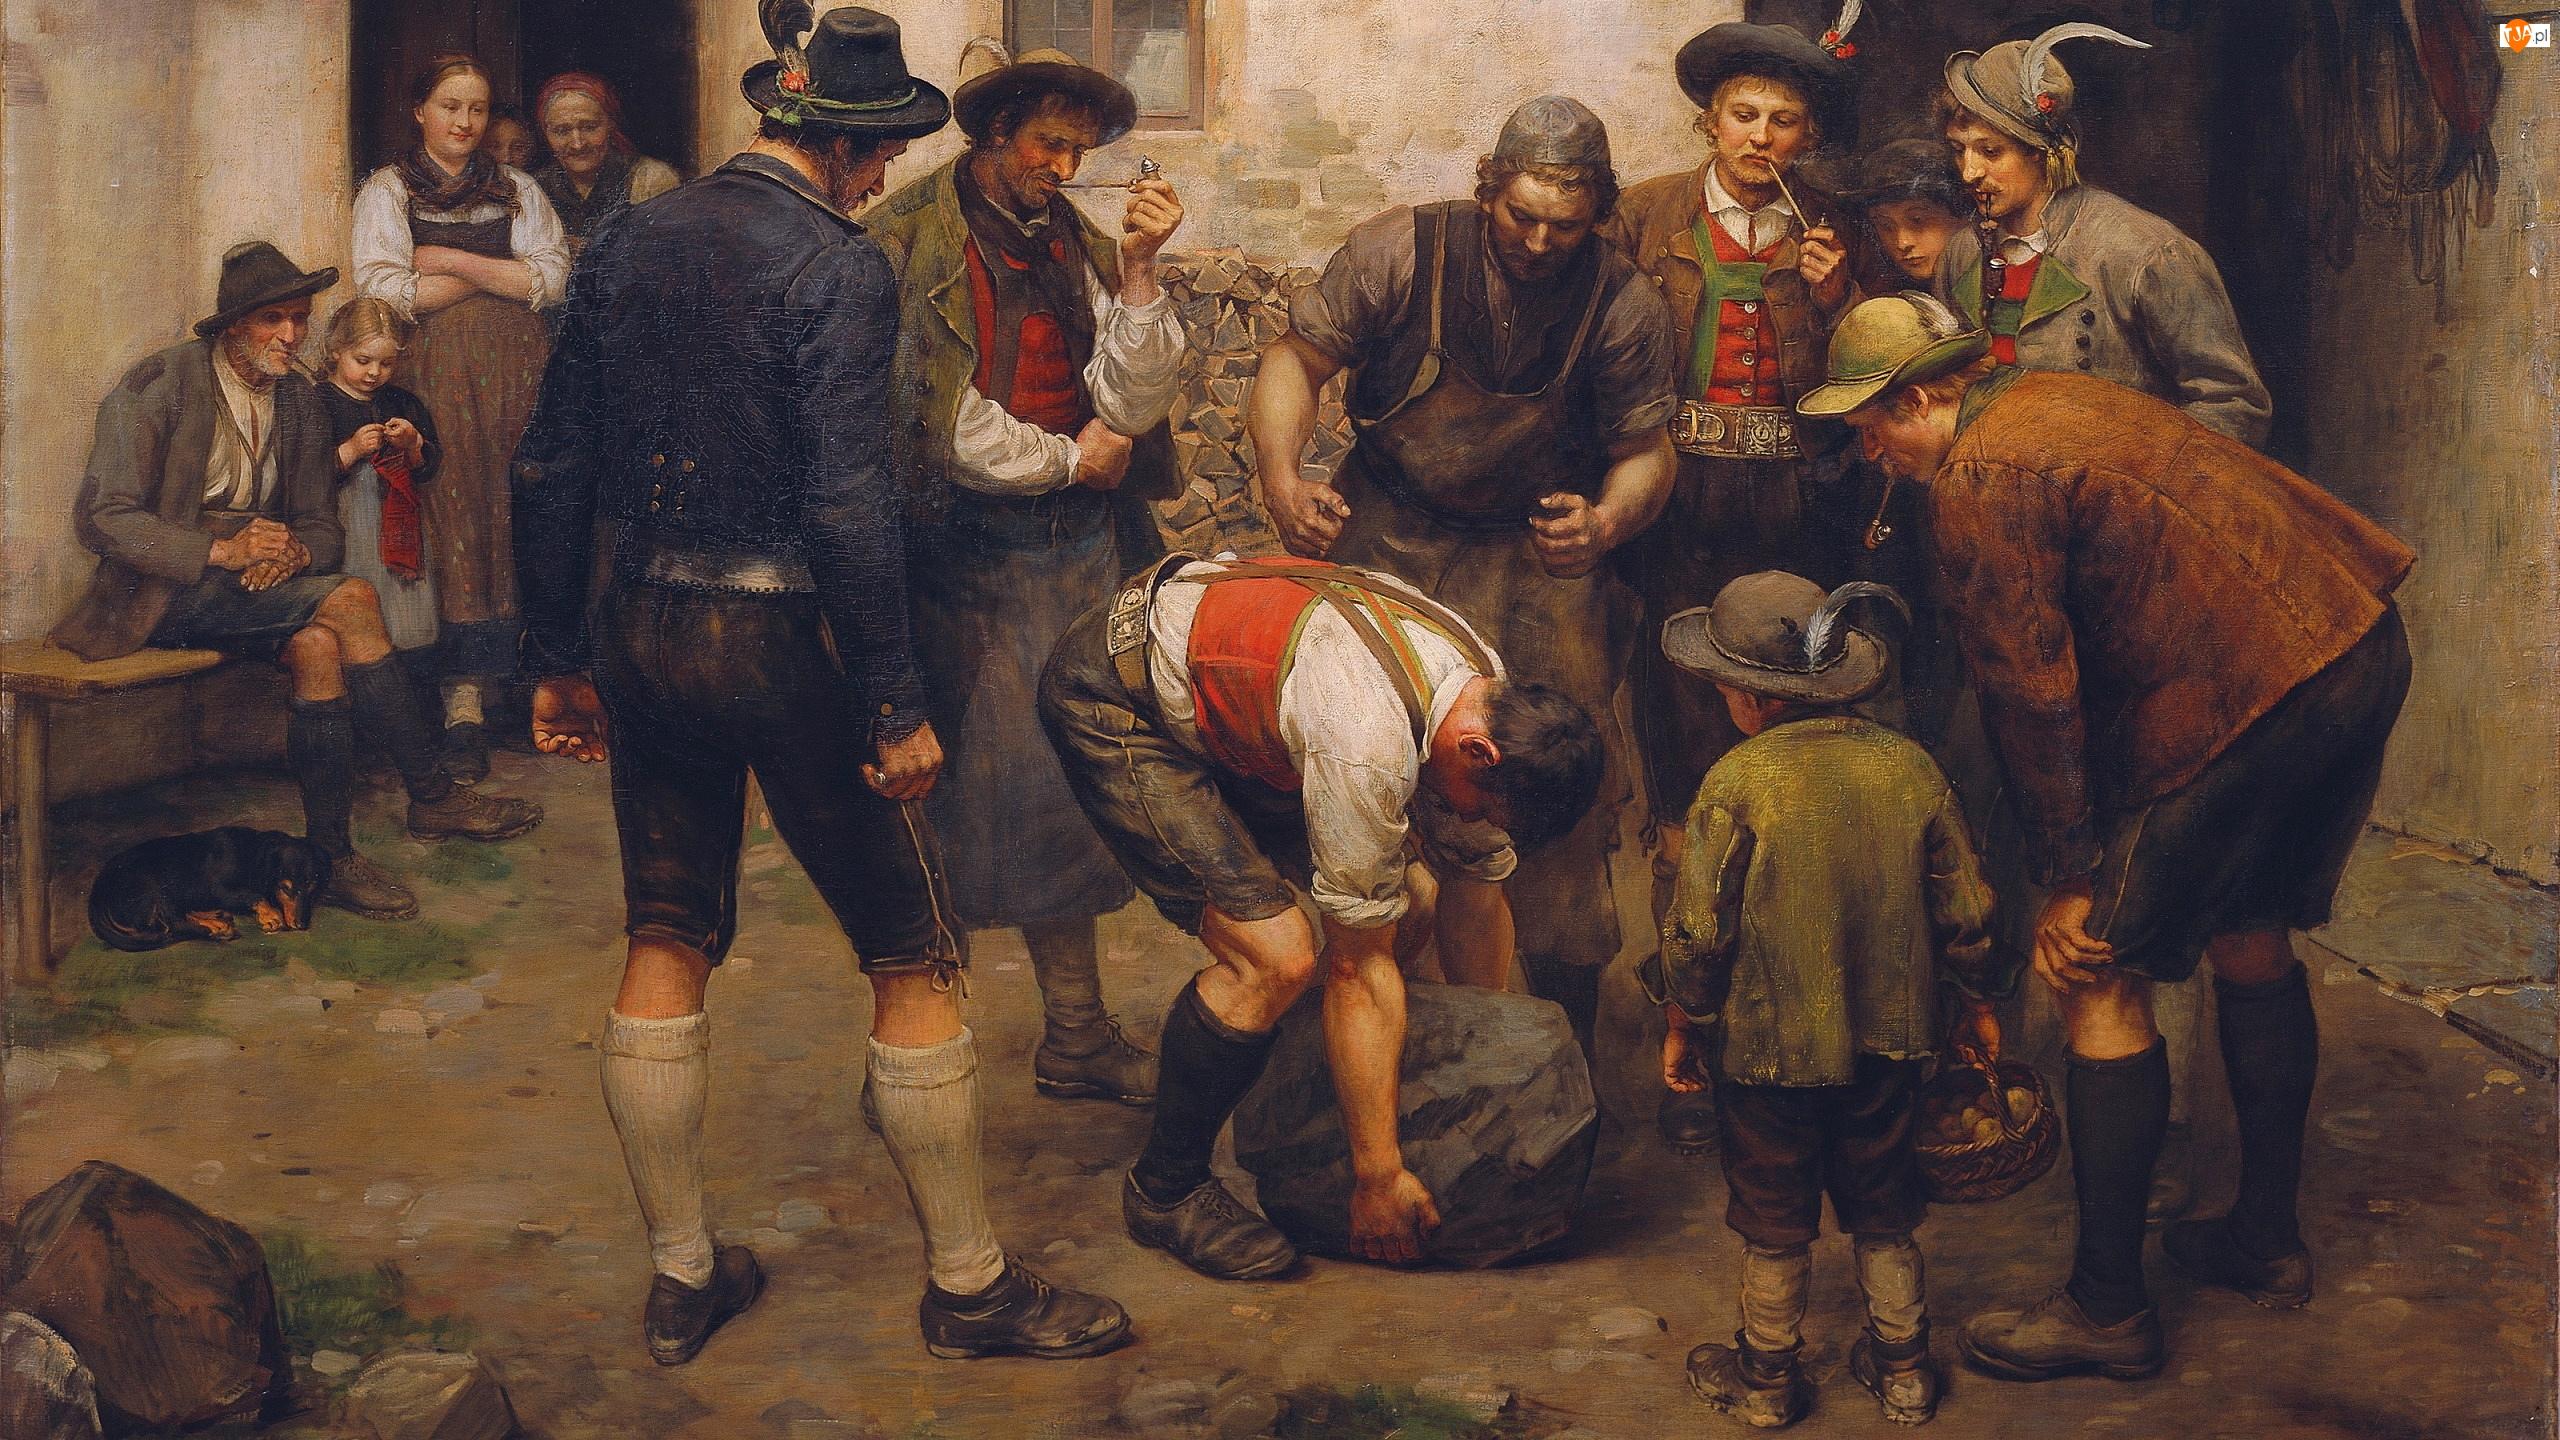 Obraz, Franz von Defregger, Kamienia, Malarstwo, Podnoszenie, Zawody, Mężczyźni